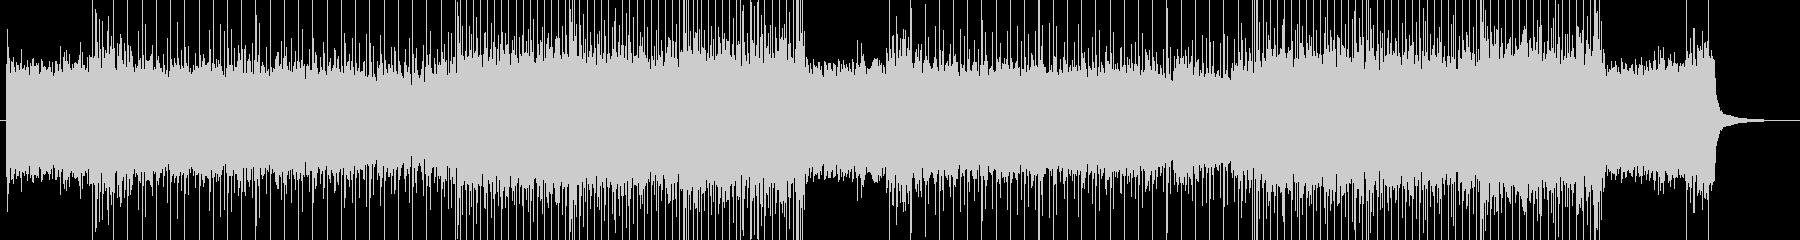 「Rock系」「sad系」BGM57の未再生の波形